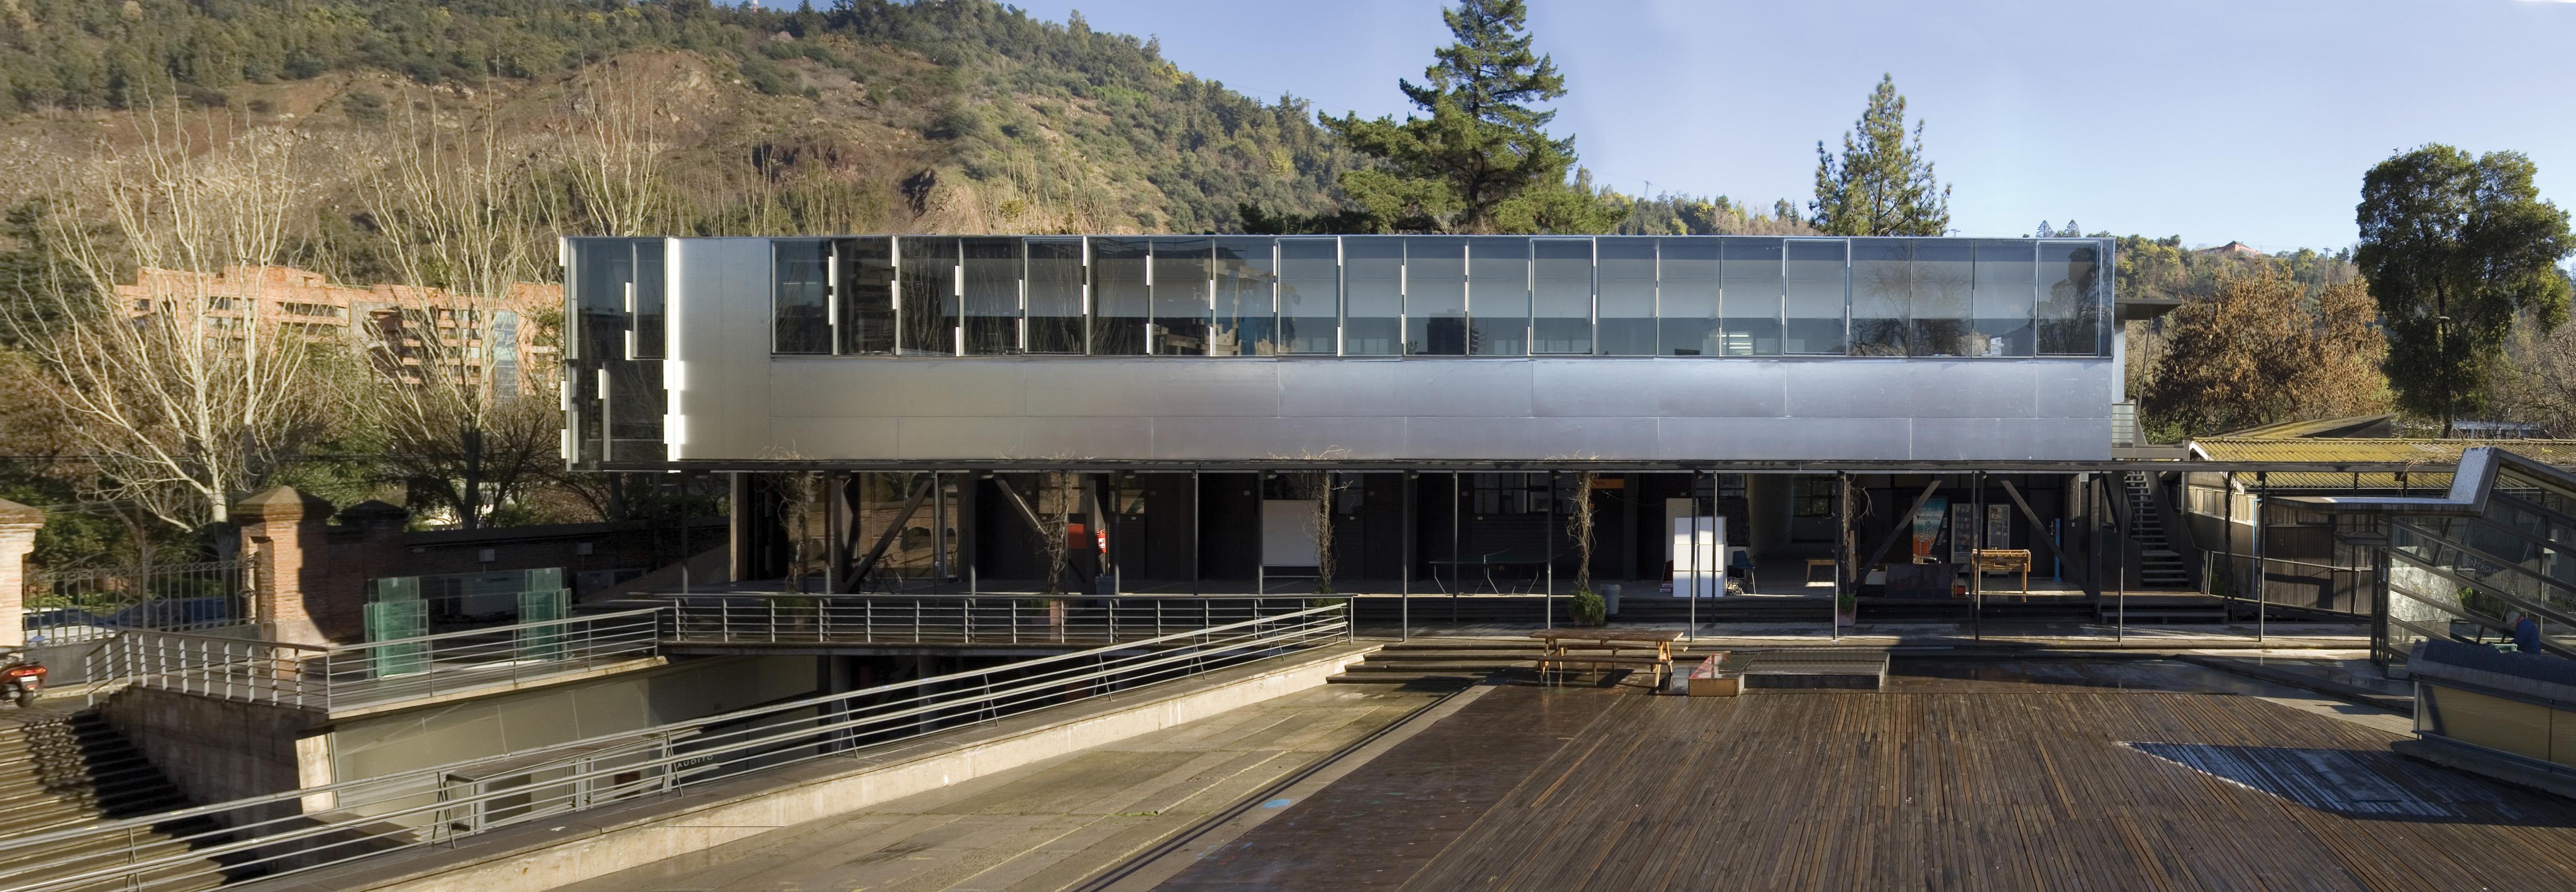 Faculdade de Arquitetura da Universidade Católica (2004) – Santiago do Chile, Chile